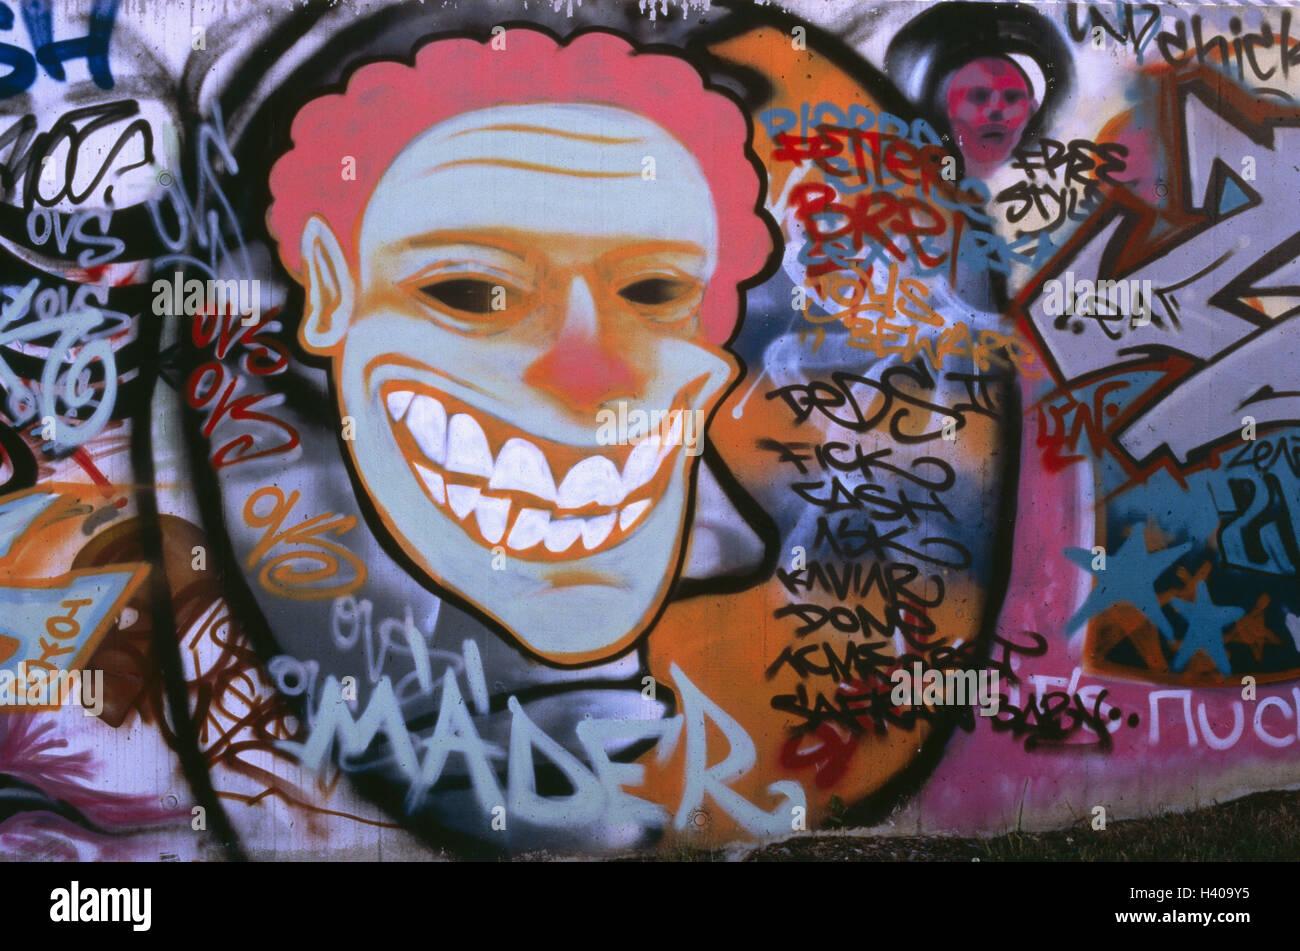 Modern clown stock photos modern clown stock images alamy